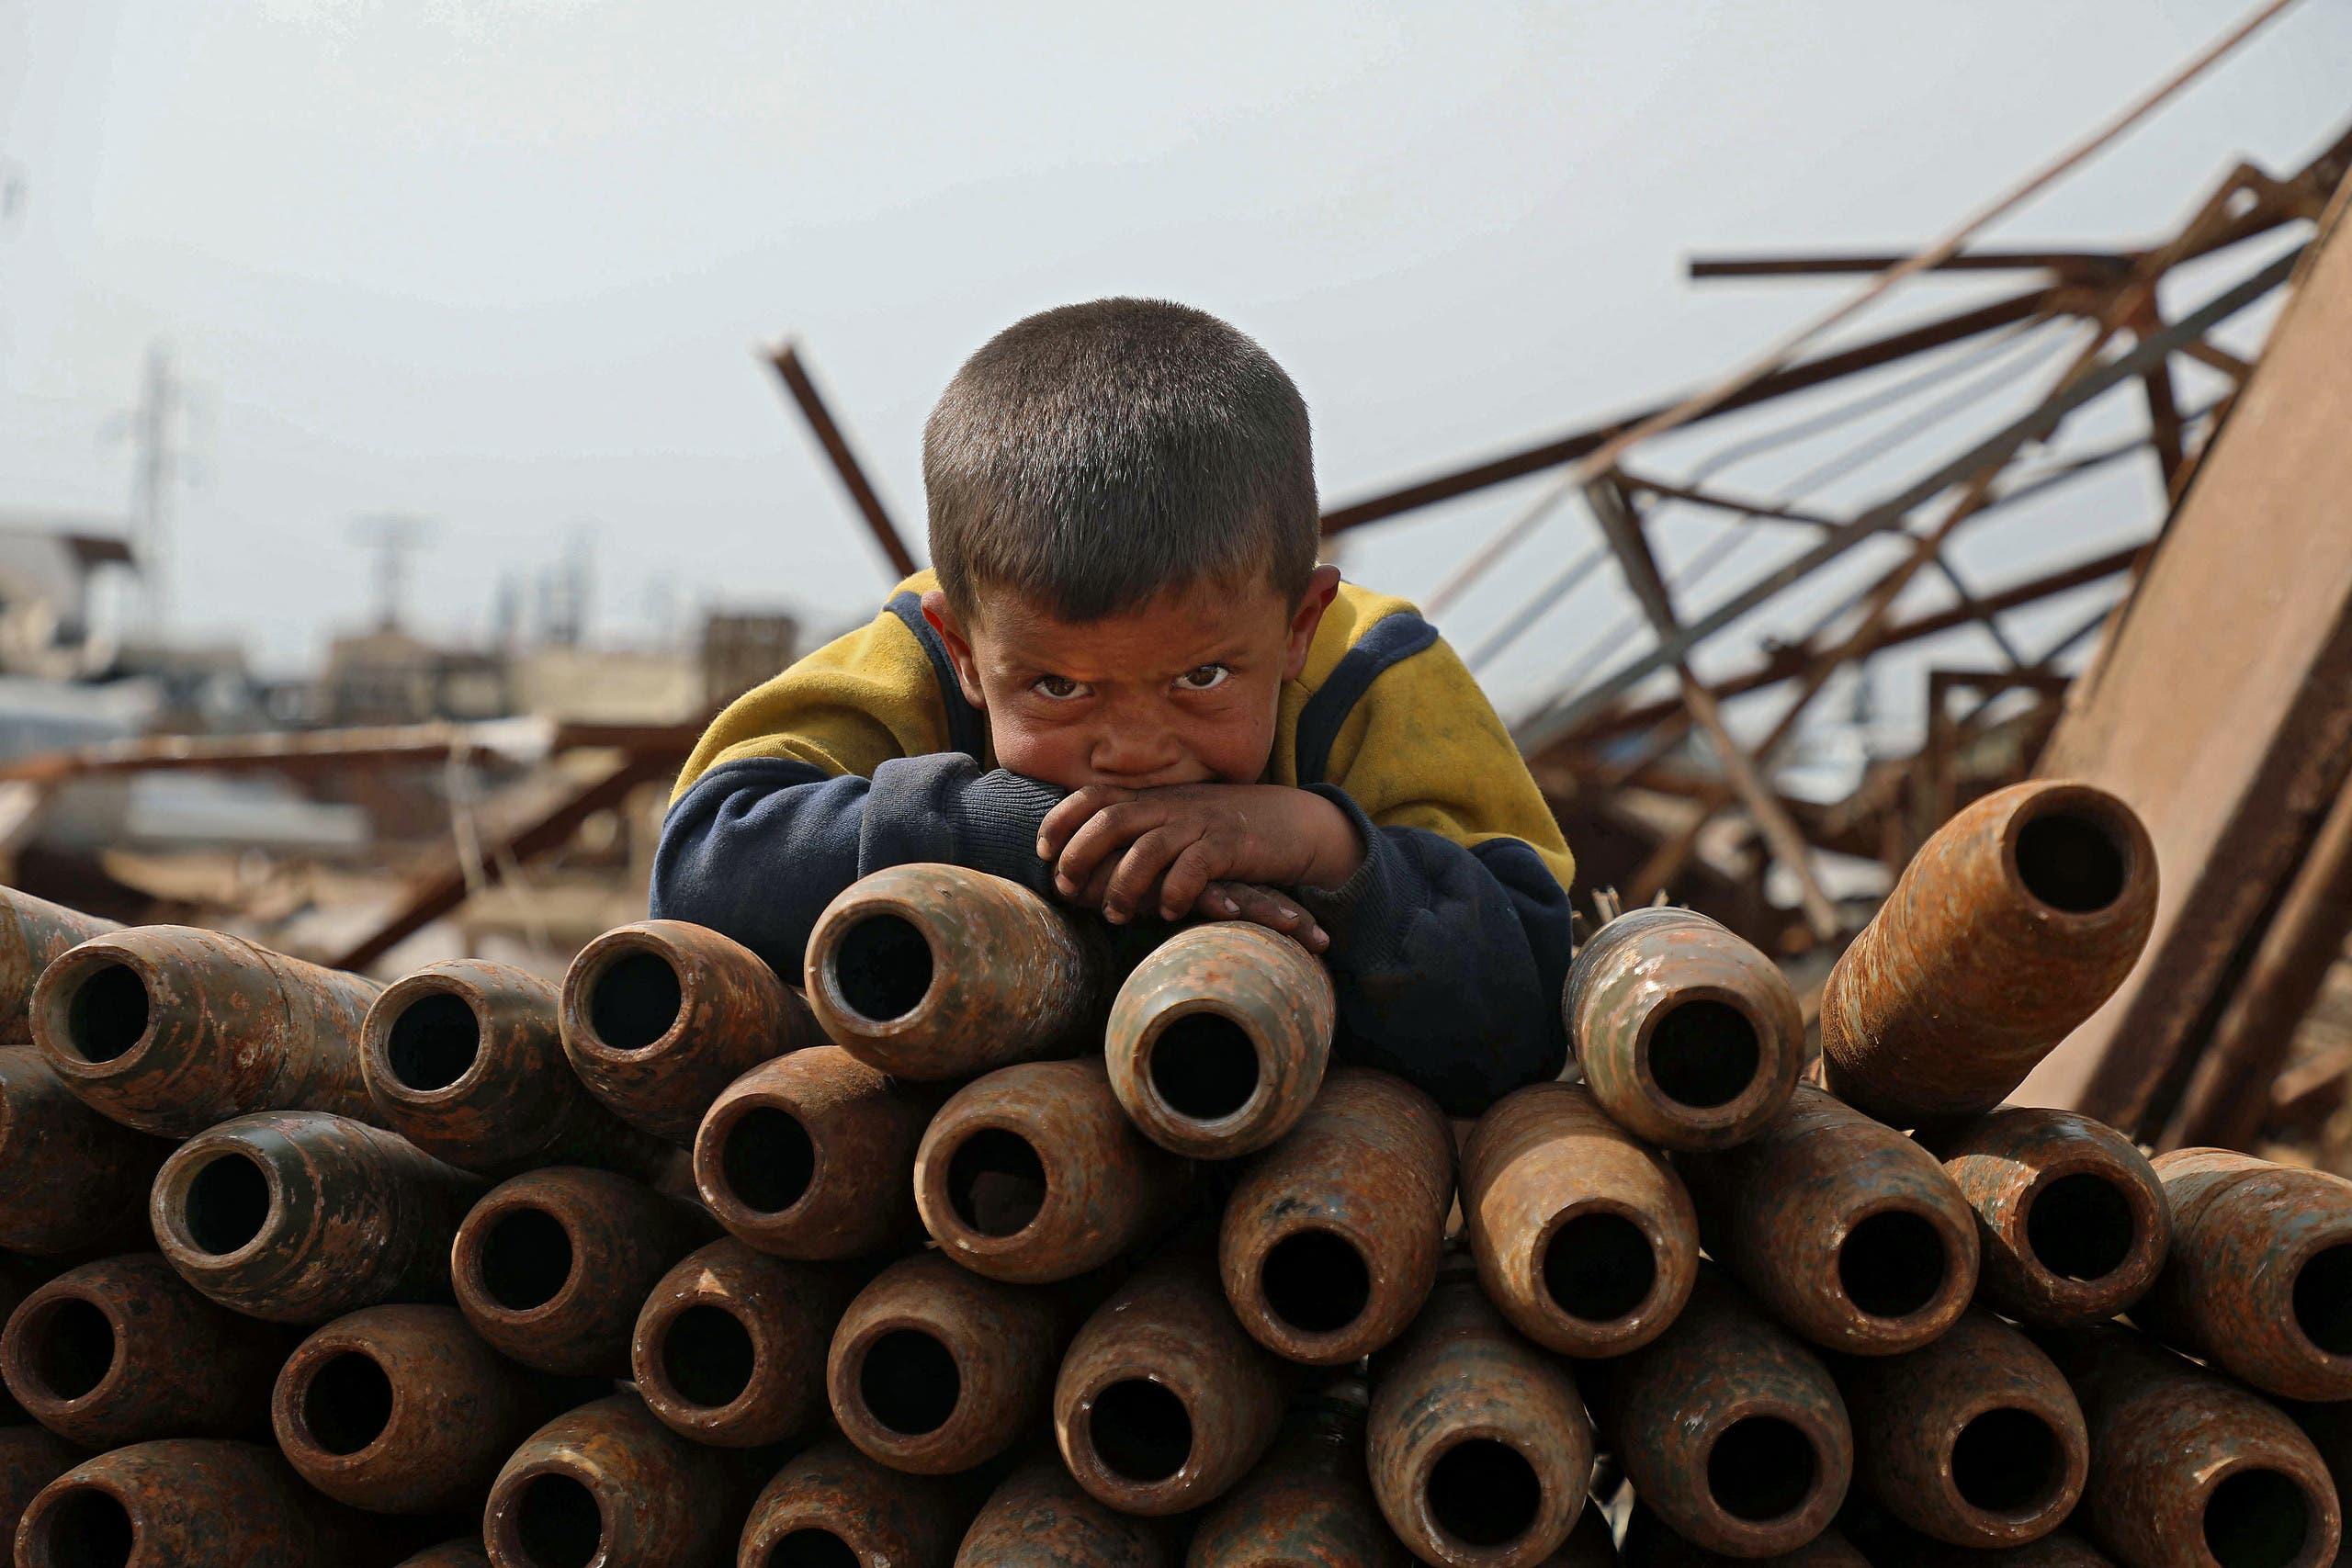 اقوام متحدہ کے عہدیدار نے شام میں بگڑتے ہوئے حالات زندگی اور بڑھتی ہوئی غربت اور بدحالی کے بارے میں خبردار کیا